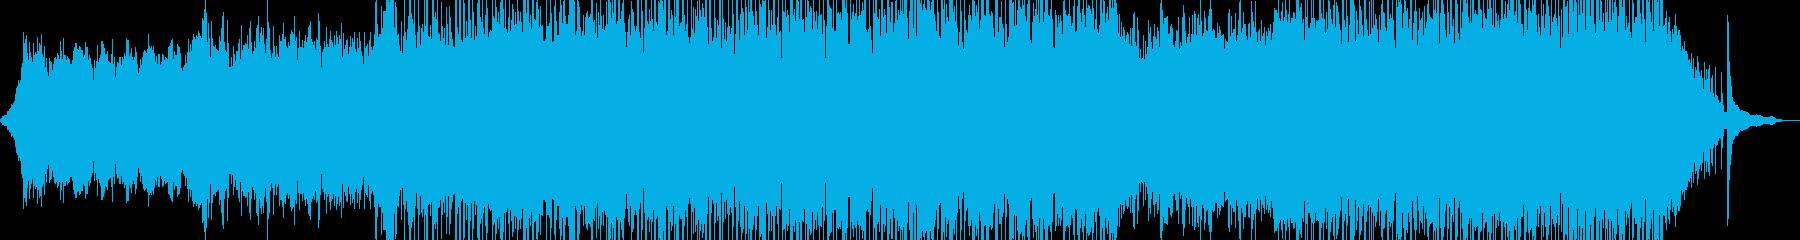 心地よい作品に・後半からポップスへ 短尺の再生済みの波形